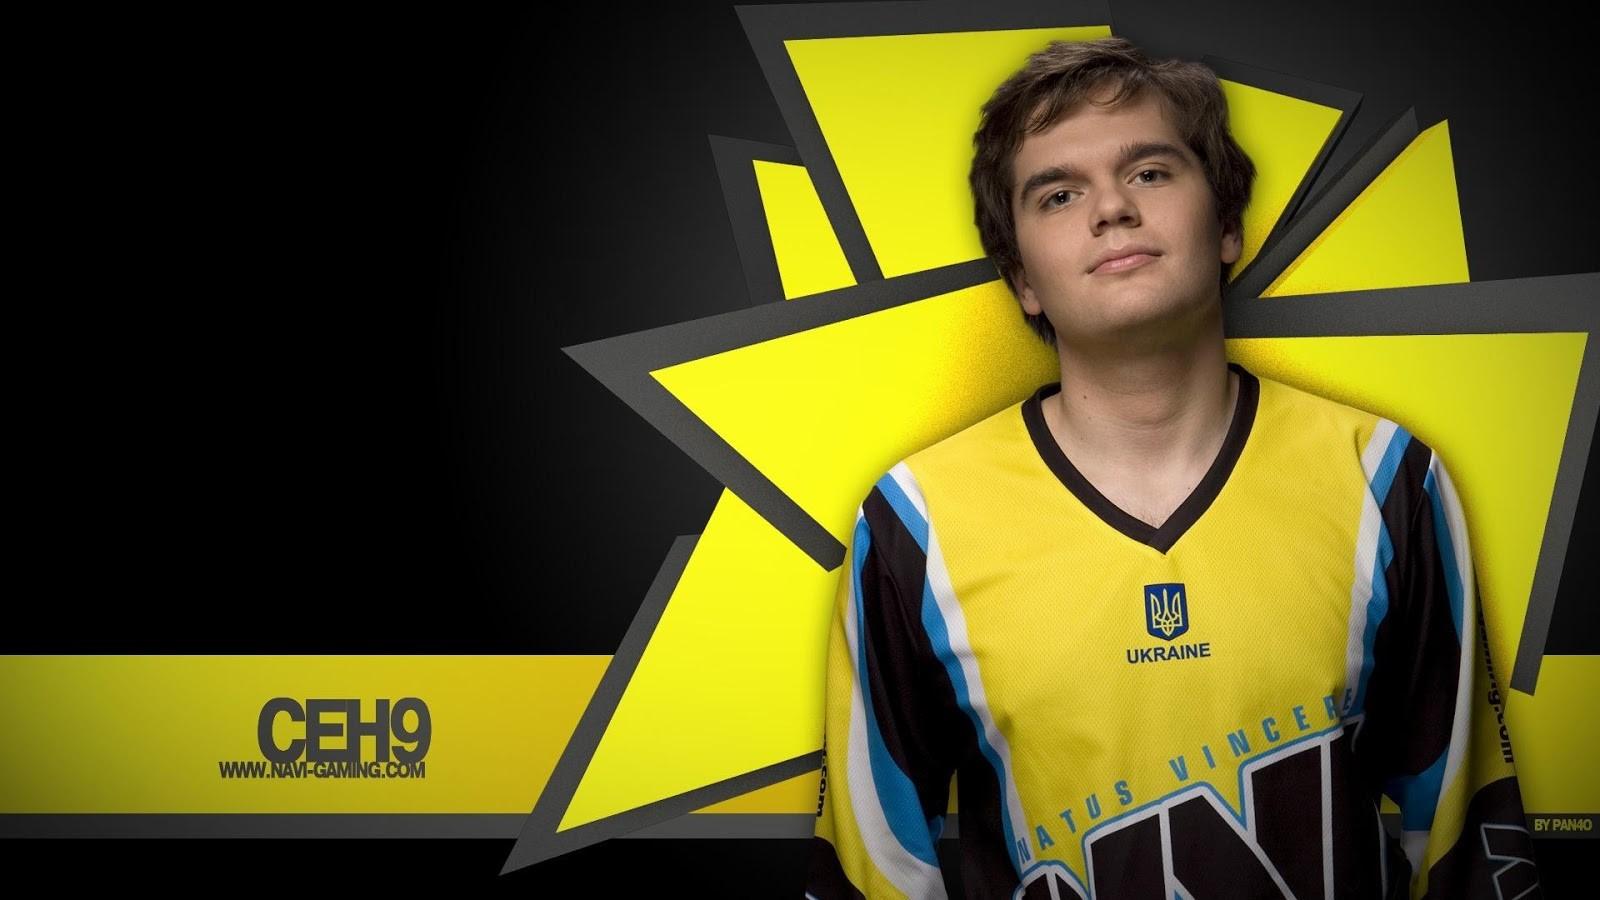 CS:GO Player Arseniy Trynozhenko aka ceh9 in CS:GO